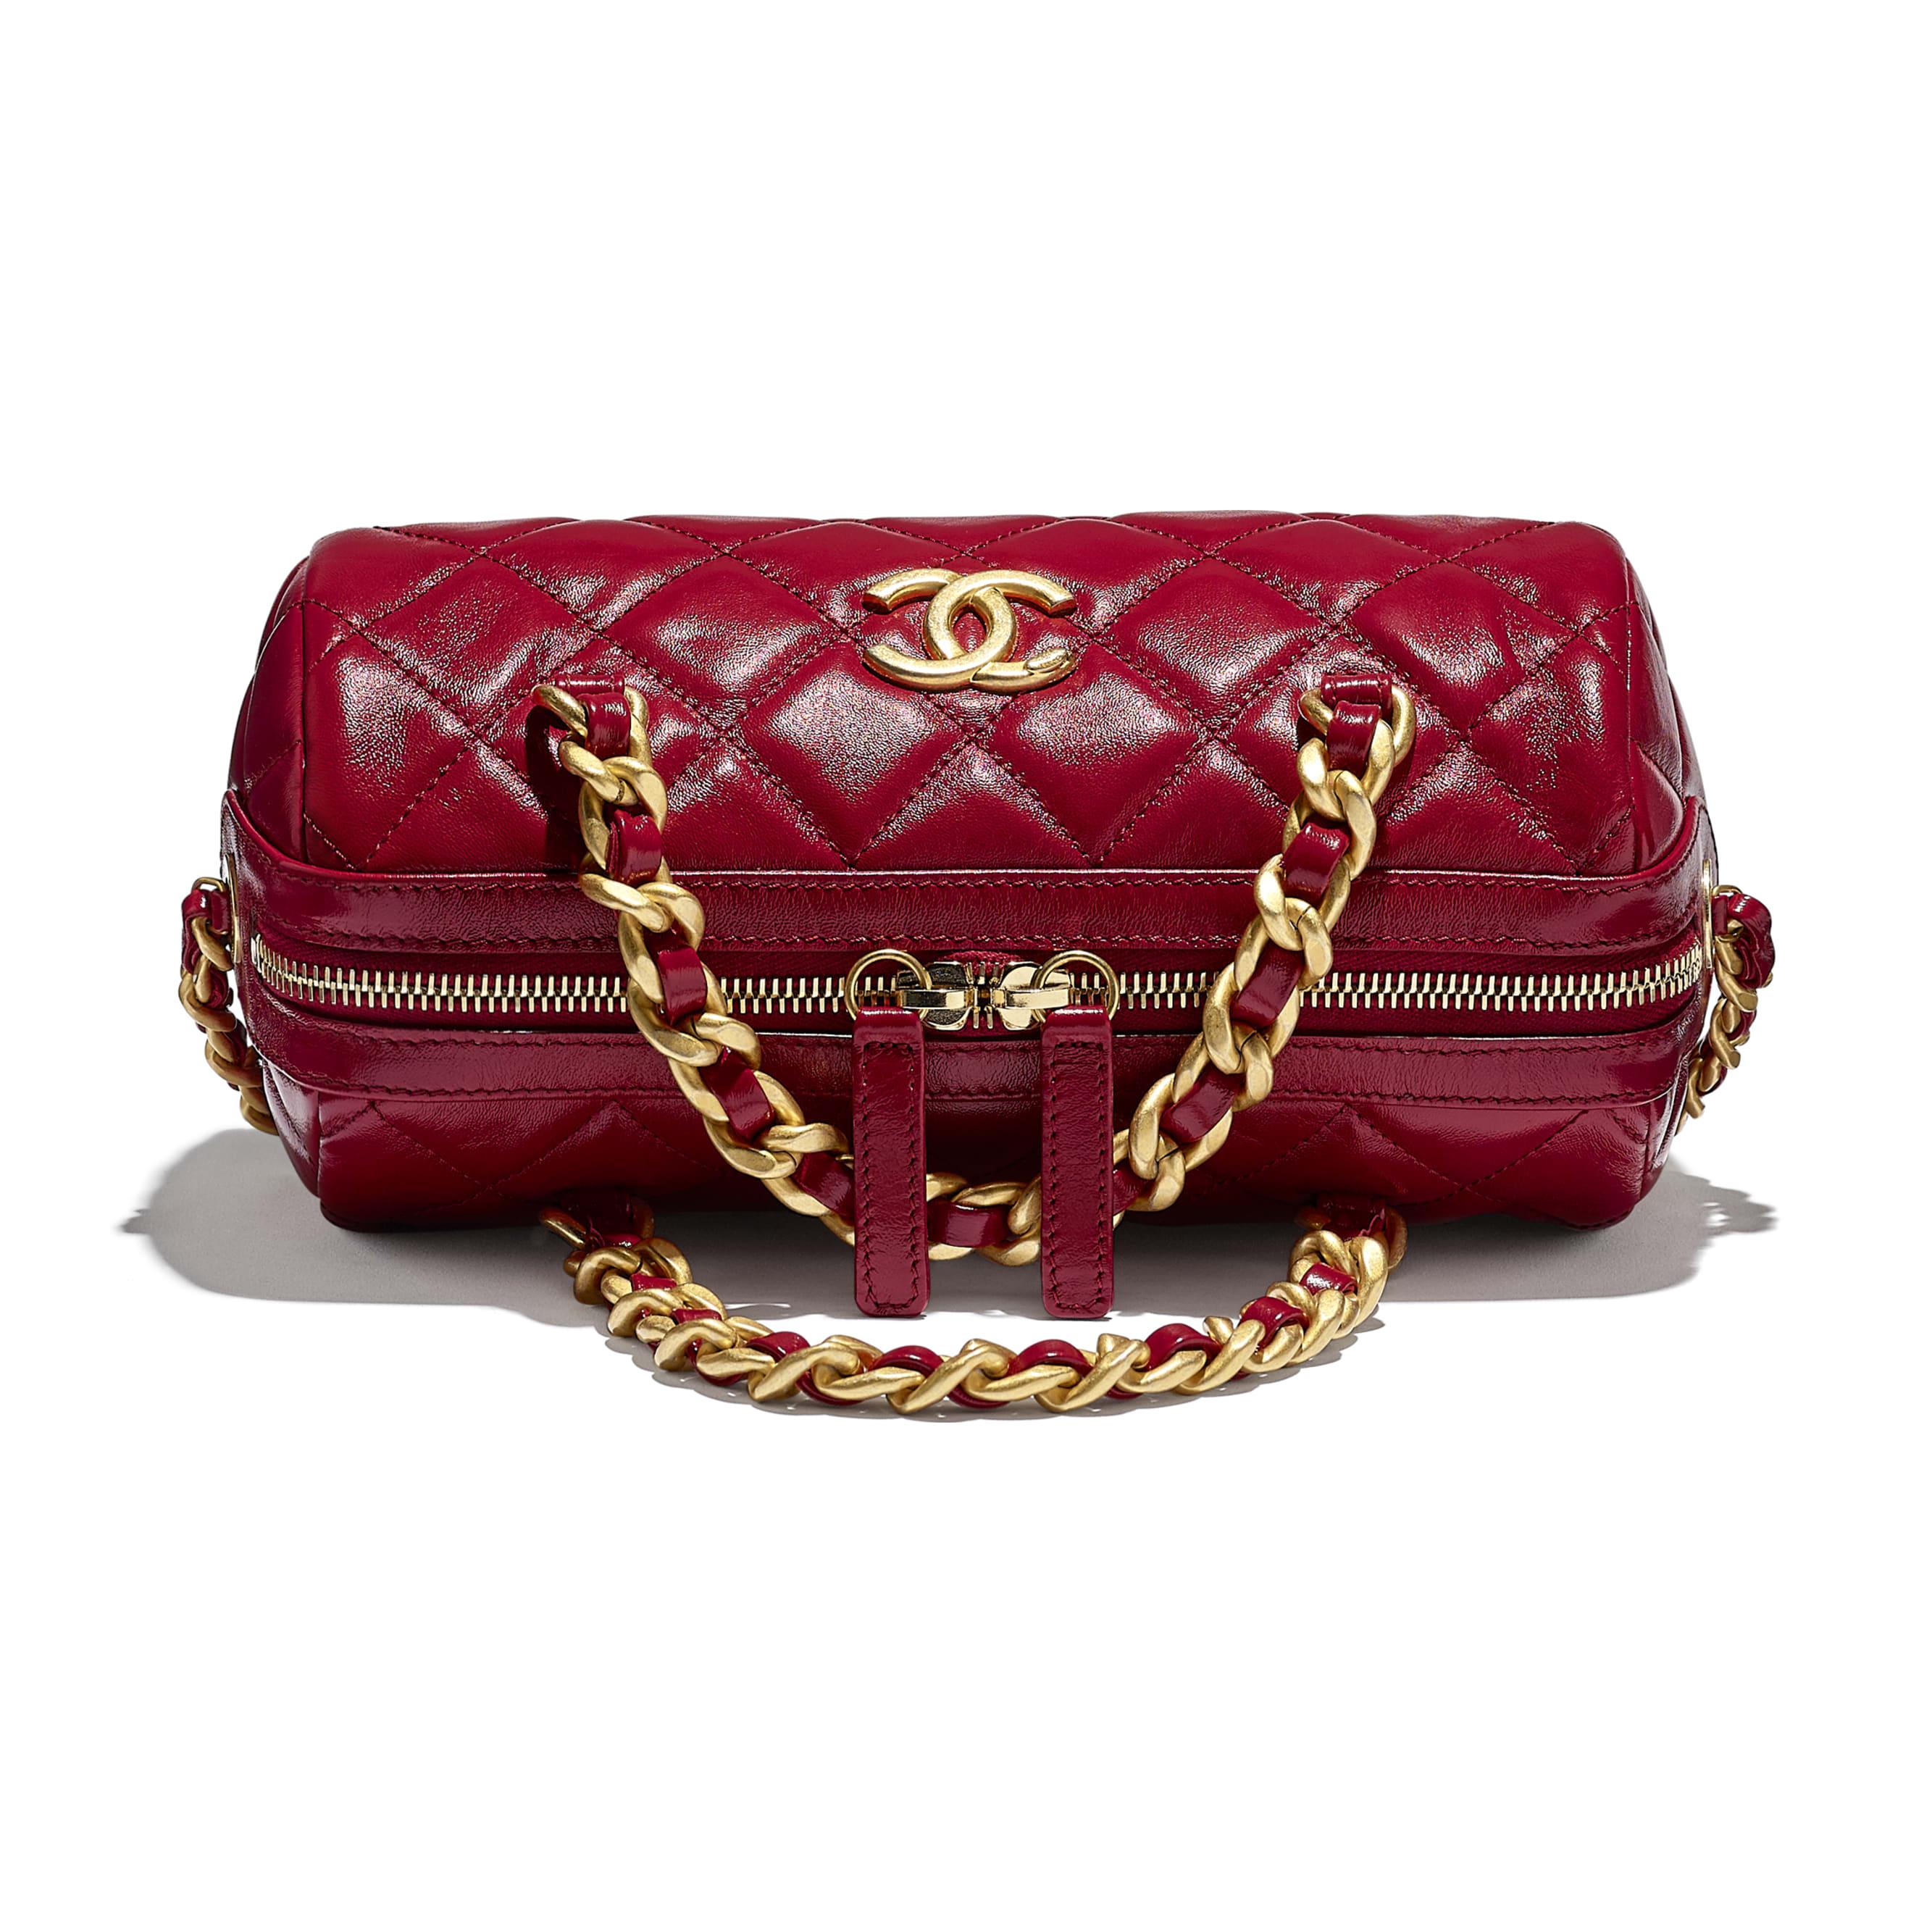 Petit sac bowling - Rose - Agneau brillant & métal doré - CHANEL - Vue supplémentaire - voir la version taille standard